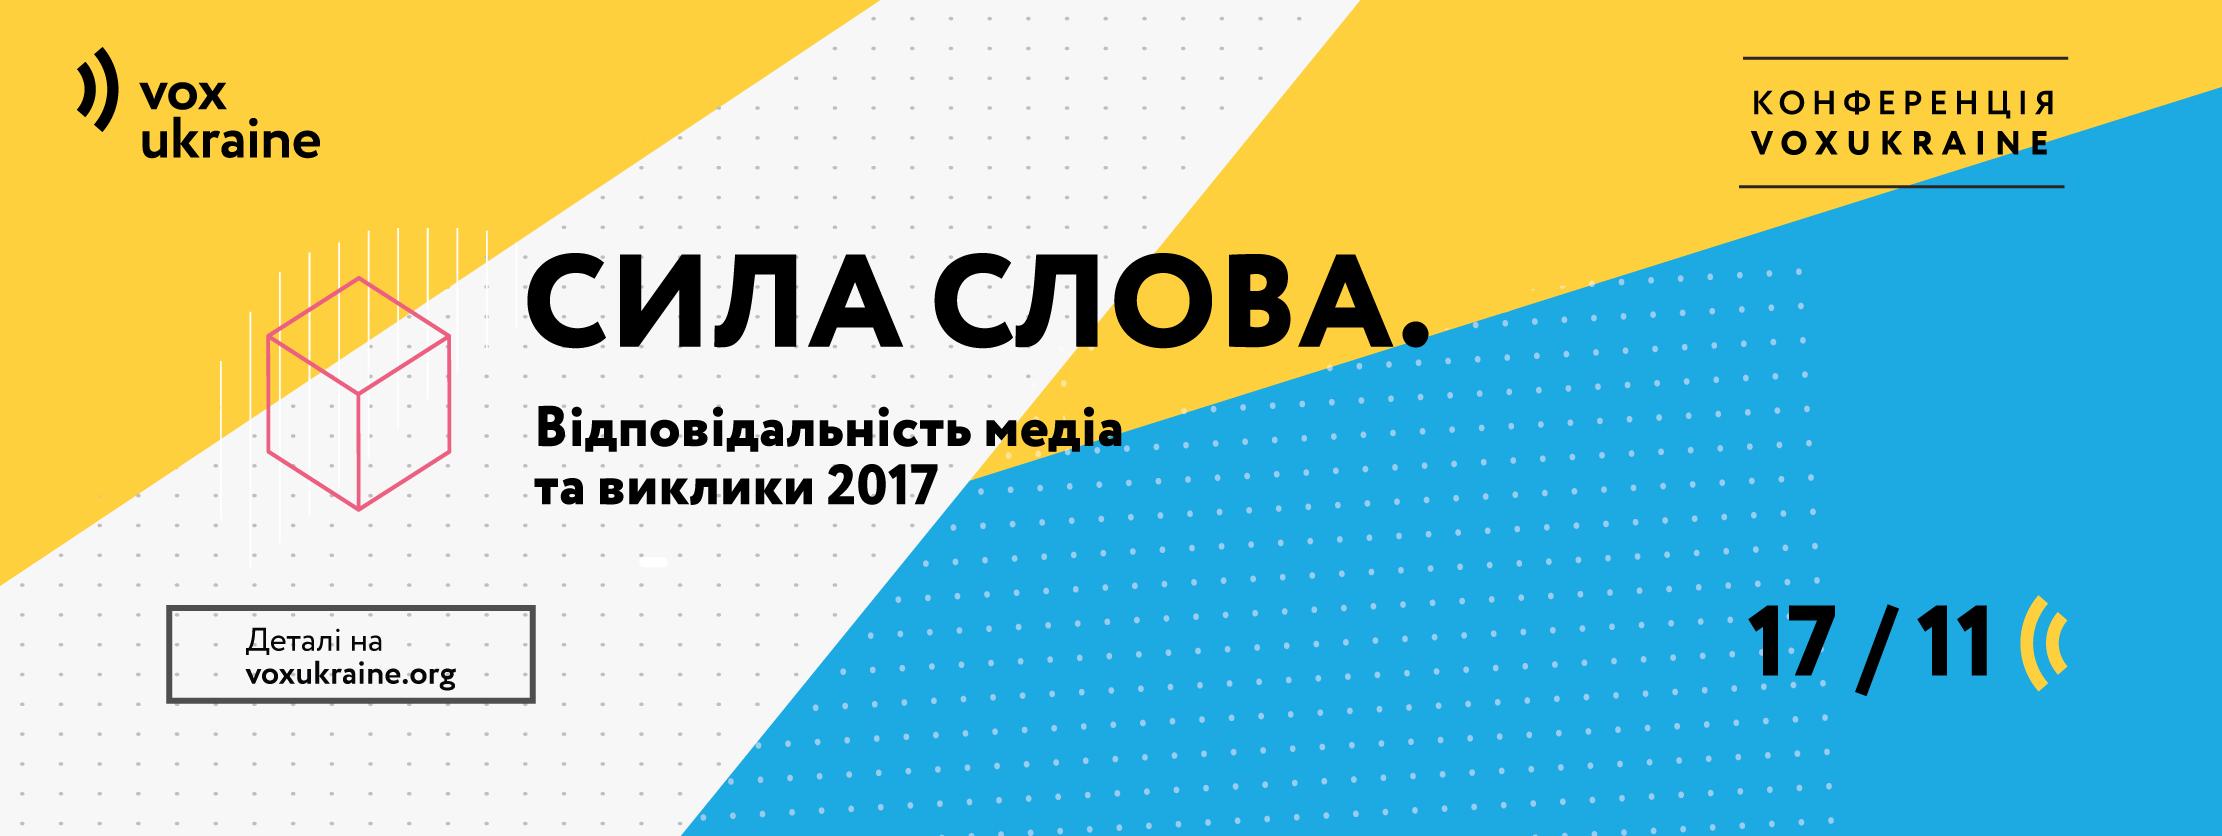 Сила слова. Ответственность медиа и вызовы 2017